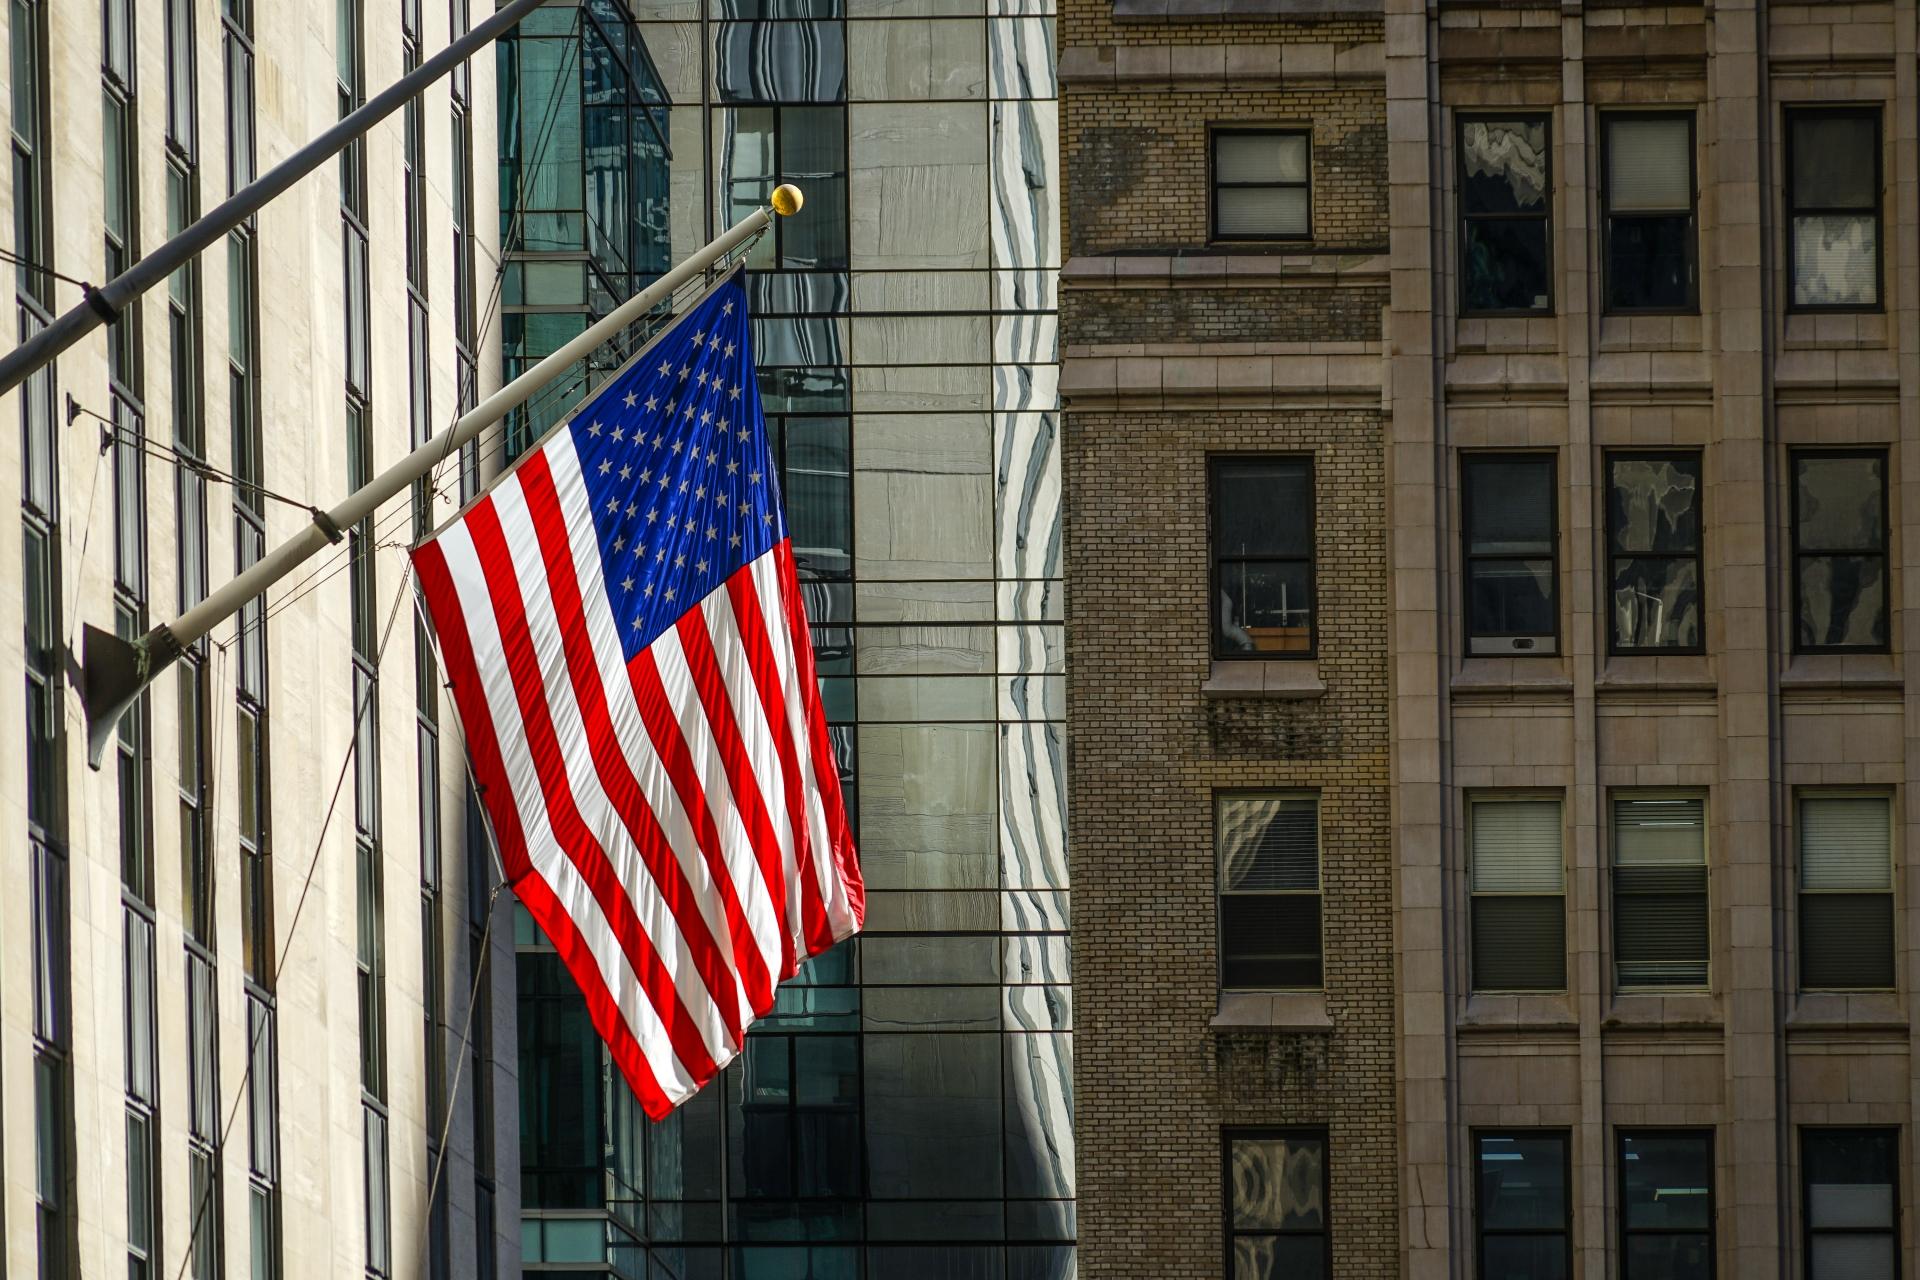 アメリカに留学で行く前に知っておくべきこと【出発準備ガイド】